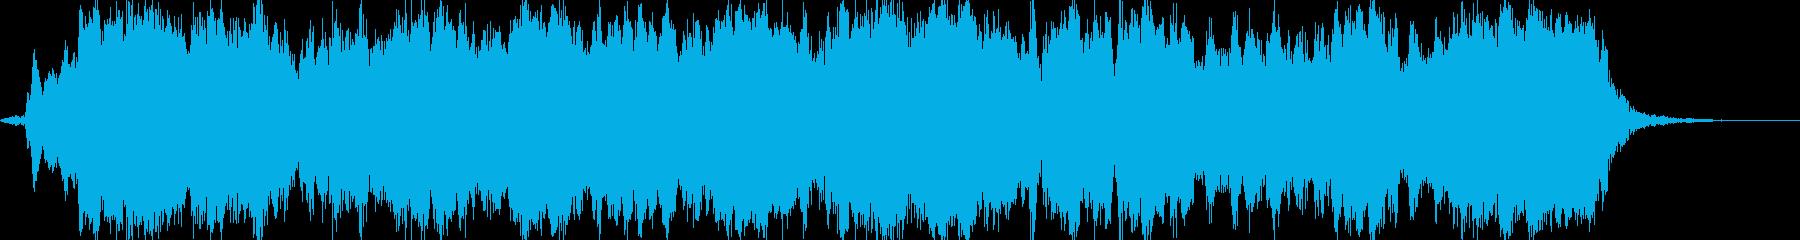 壮大で緊張感のあるオーケストラサウンドの再生済みの波形